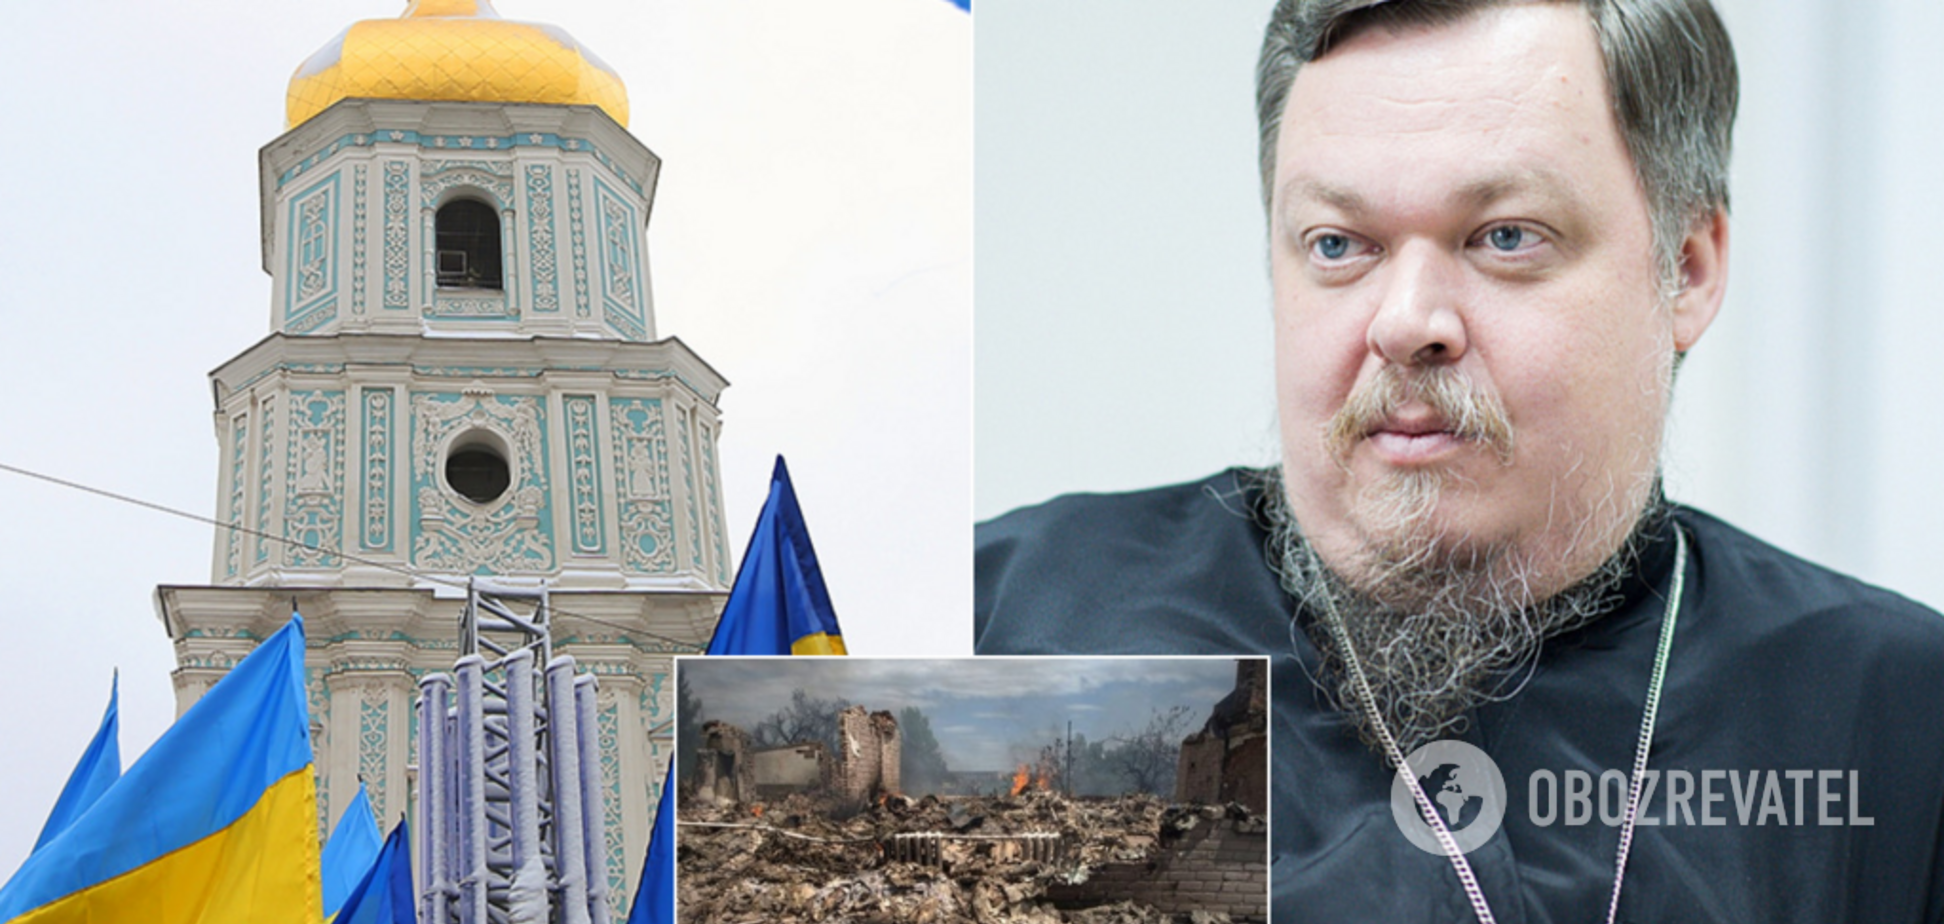 Призывал захватить Украину и проклинал ПЦУ: что говорил умерший Чаплин об Украине